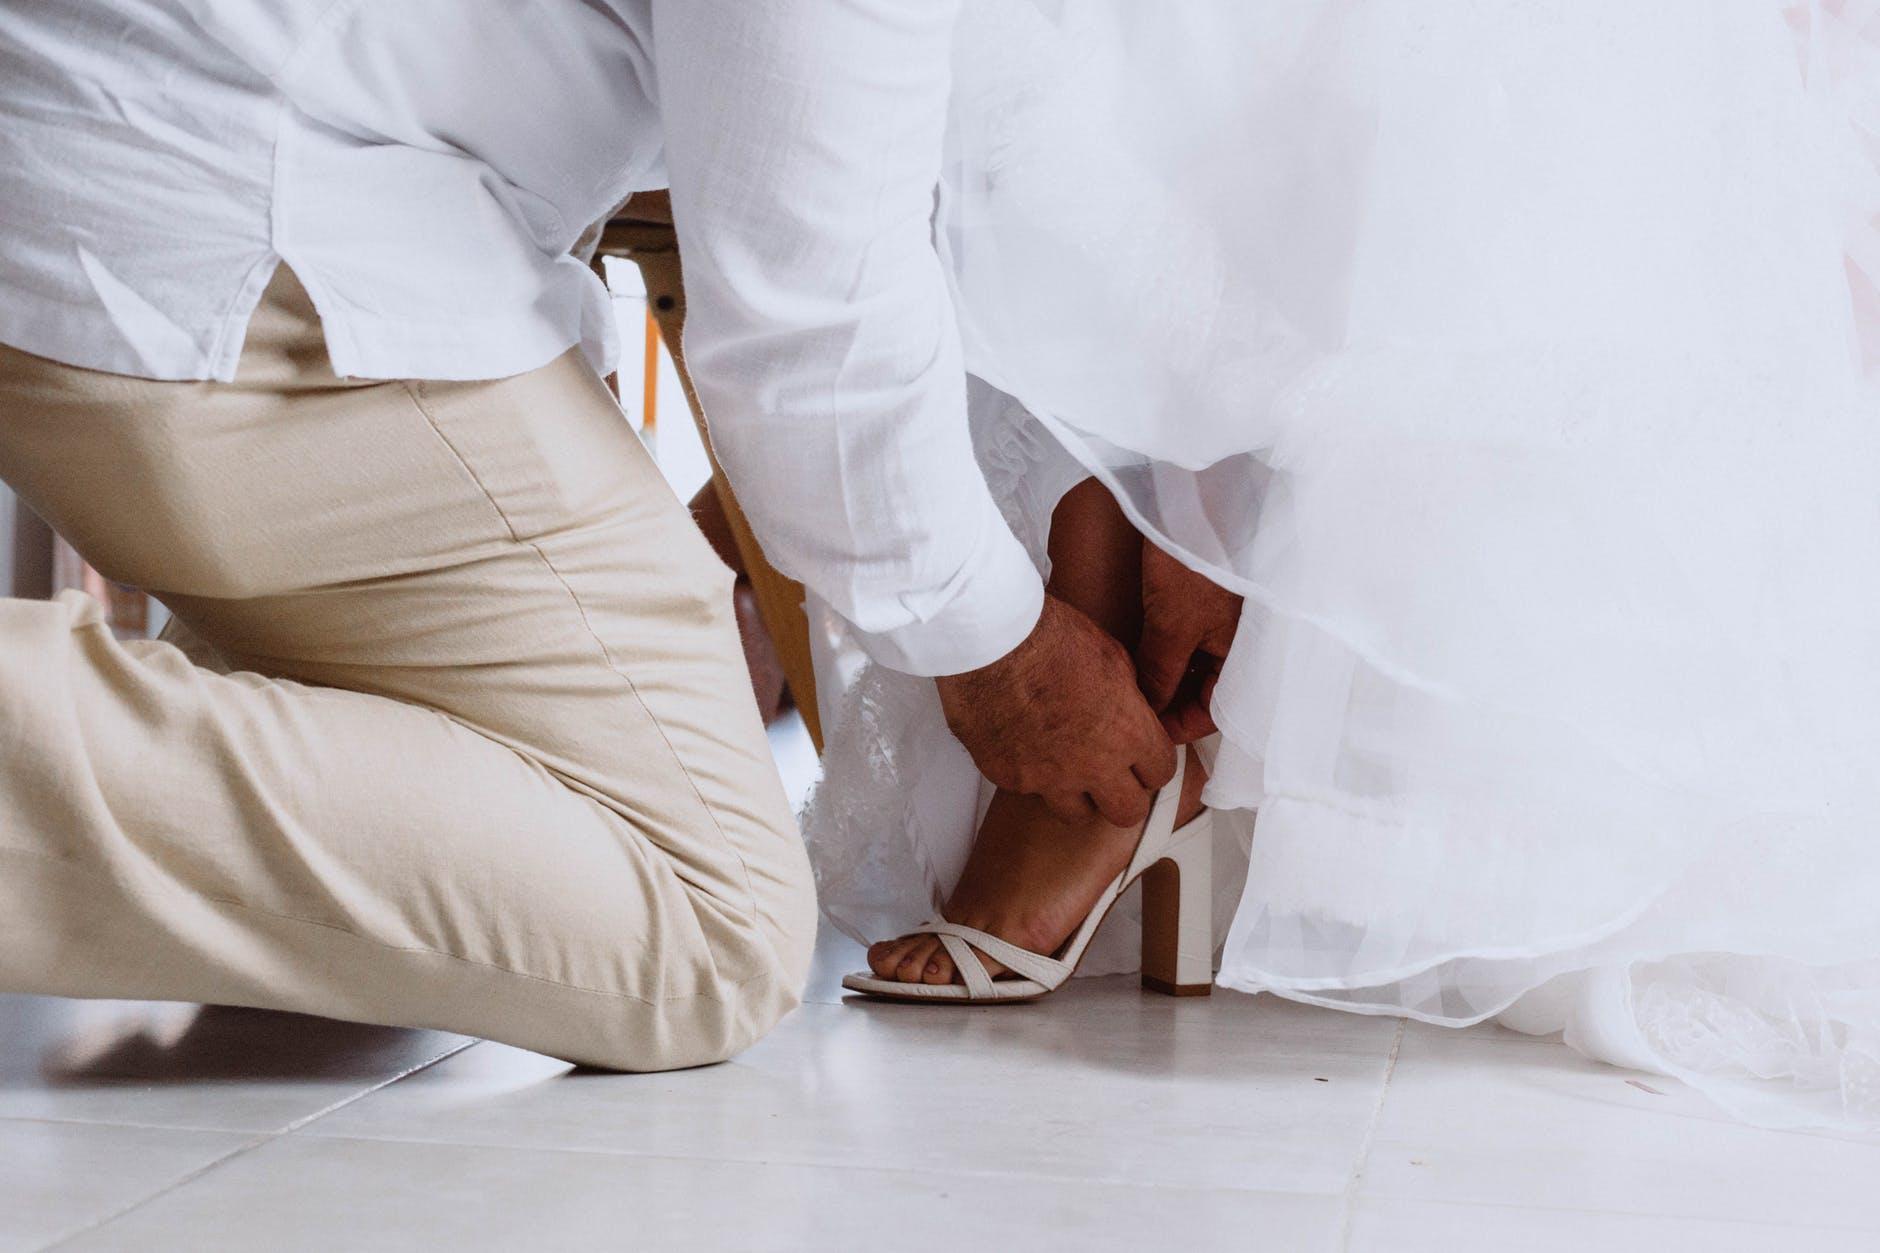 Gelin Ayakkabısının Altına Neden İsim Yazılır?